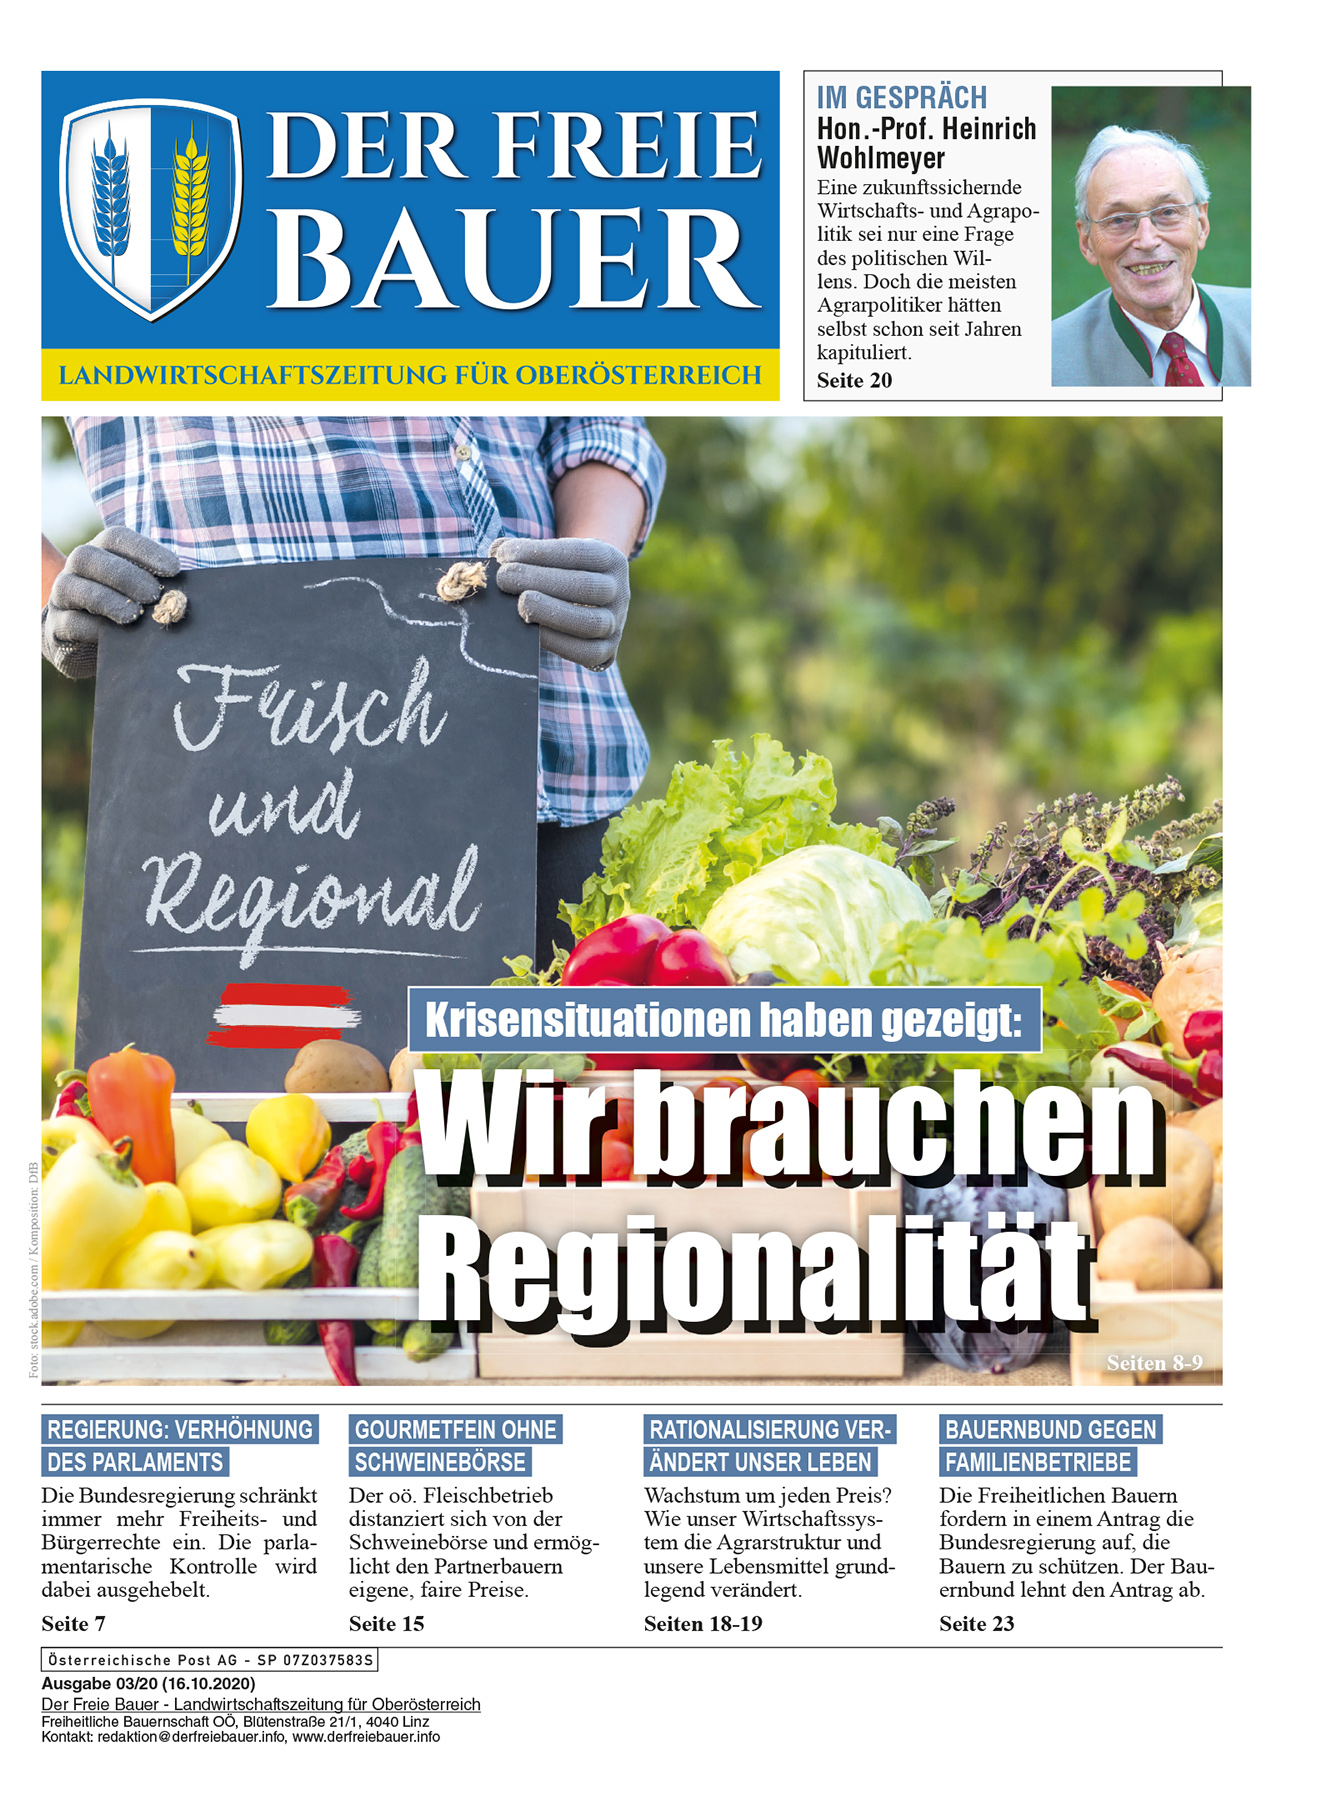 Der Freie Bauer 03/2020